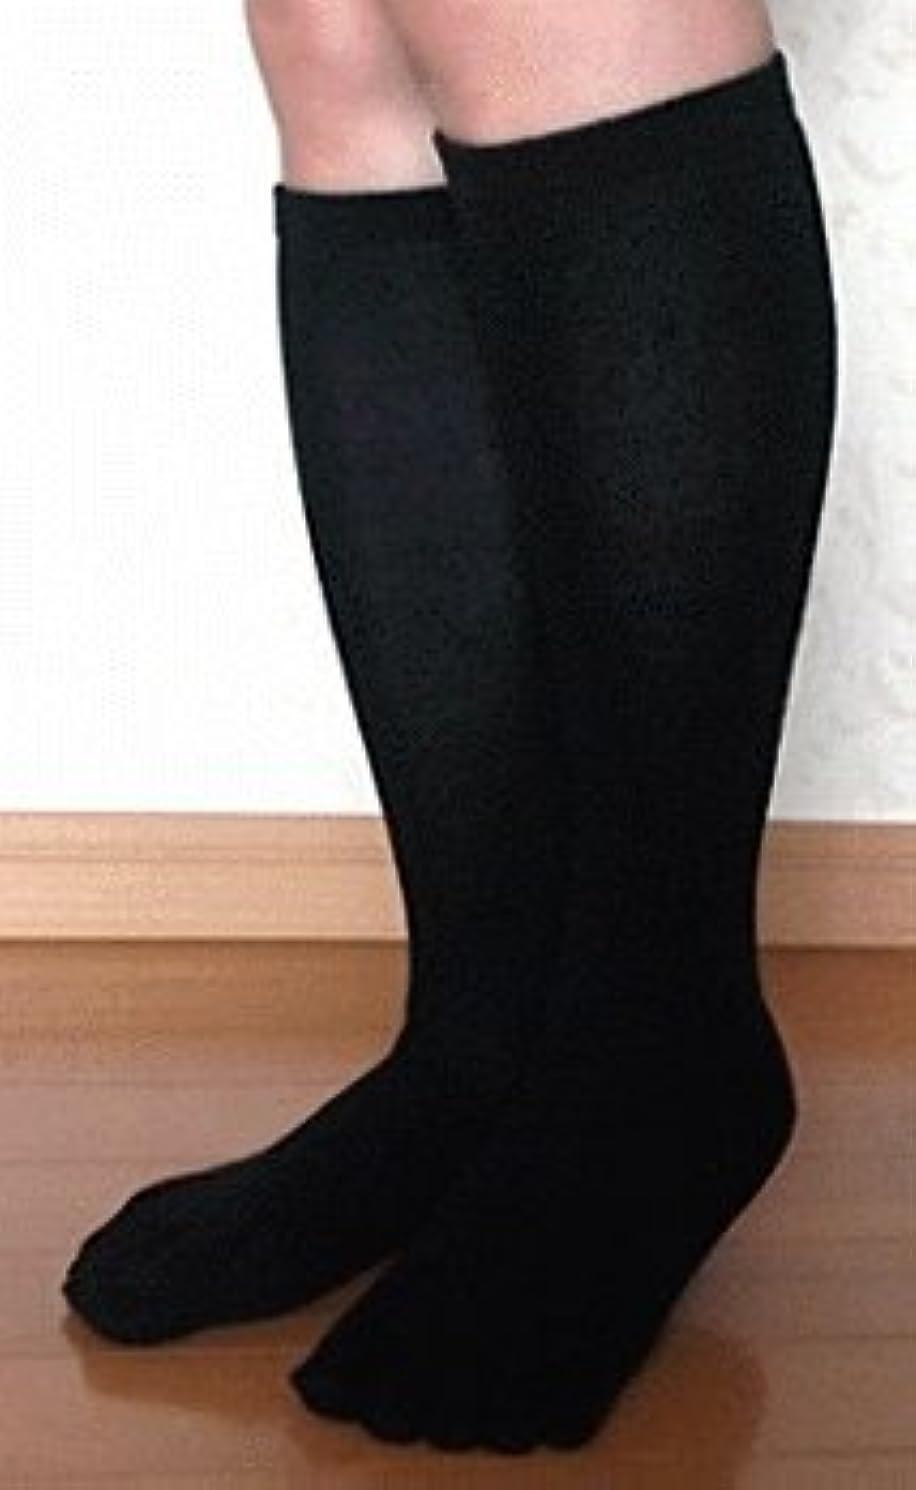 冒険者容量ゲート5本指ハイソックス 絹 黒色【22~24cm】 日本製高品質 お買得2足組